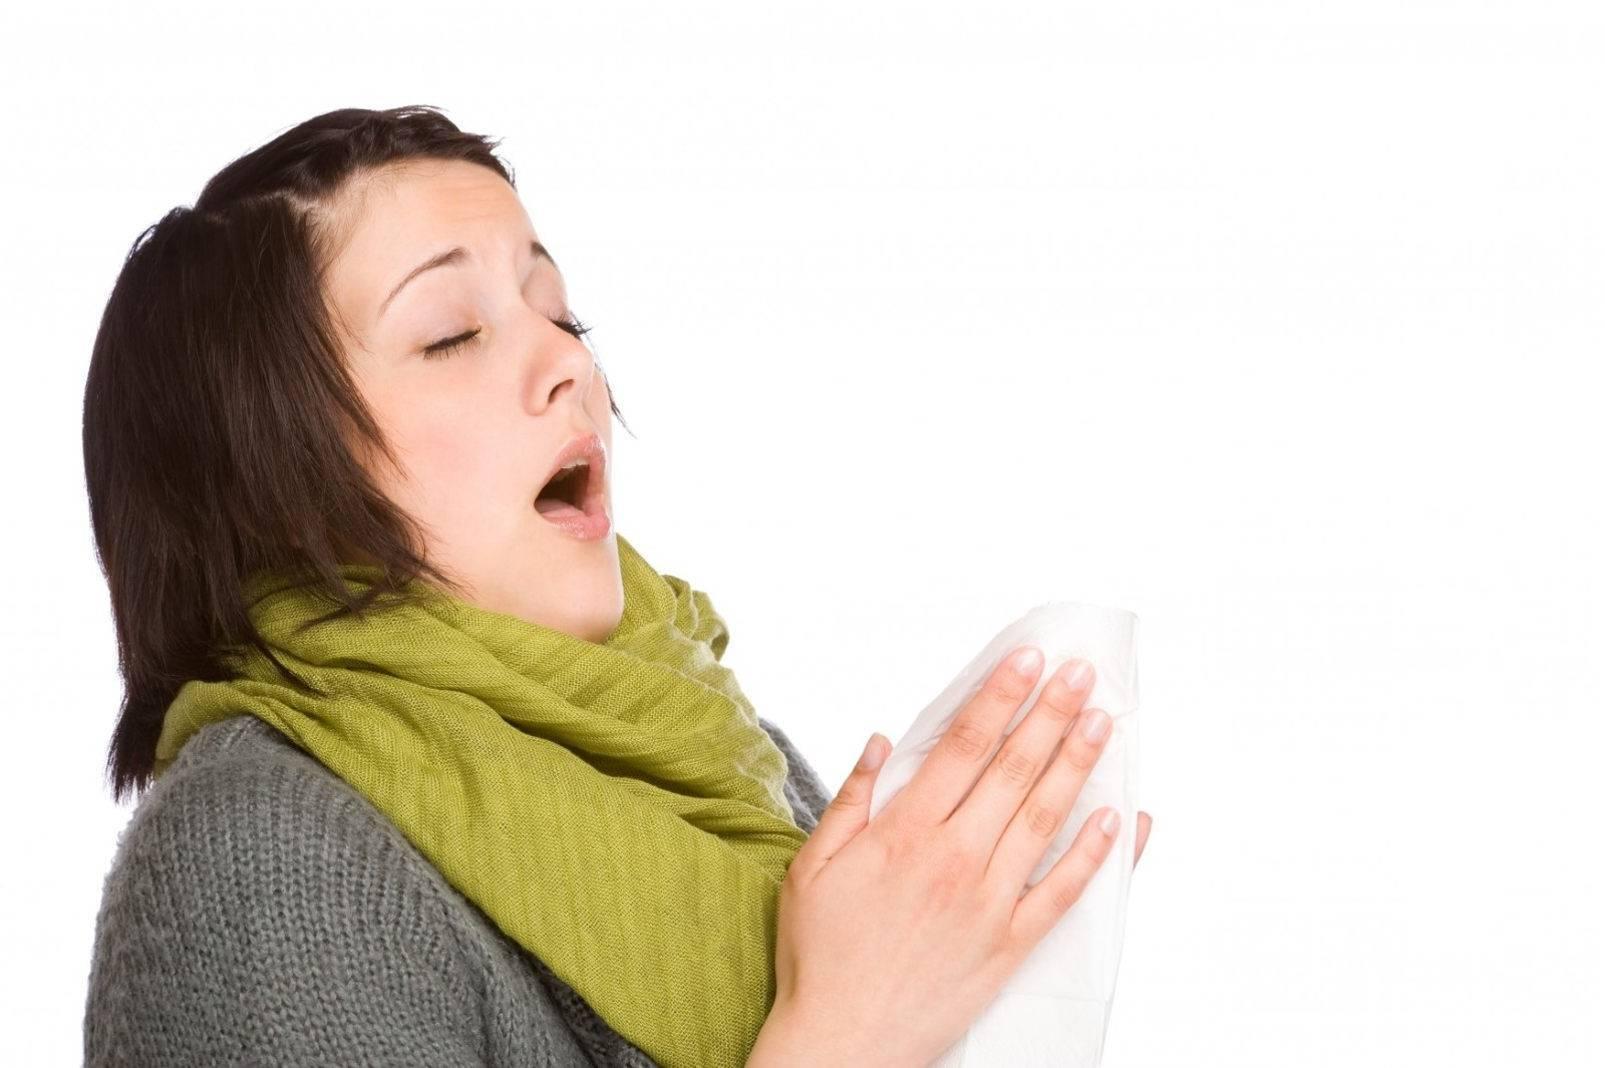 Кашель от соплей: почему бывает и как лечить?